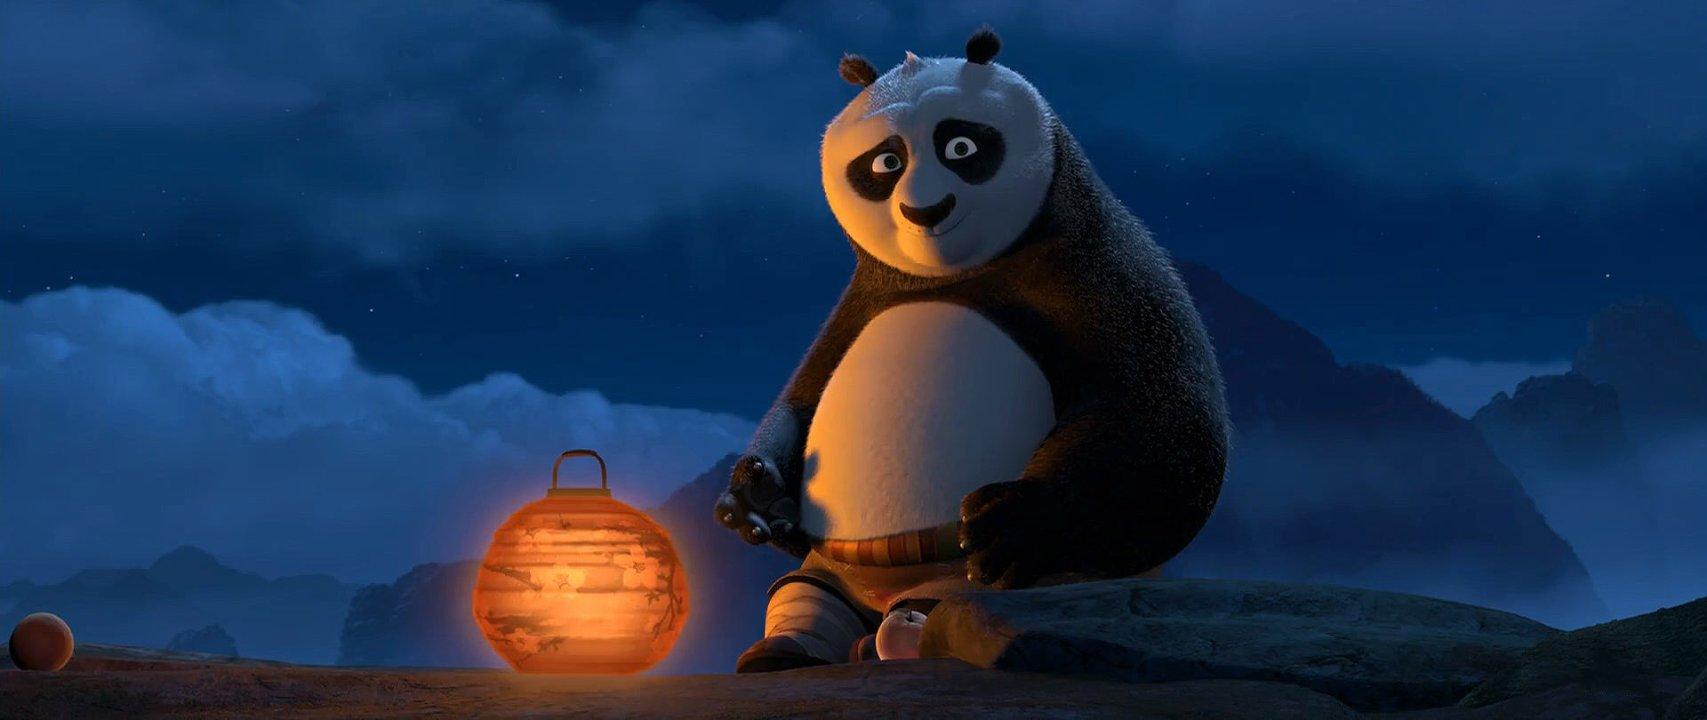 دانلود موسیقی متن فیلم سینمایی Kung Fu Panda